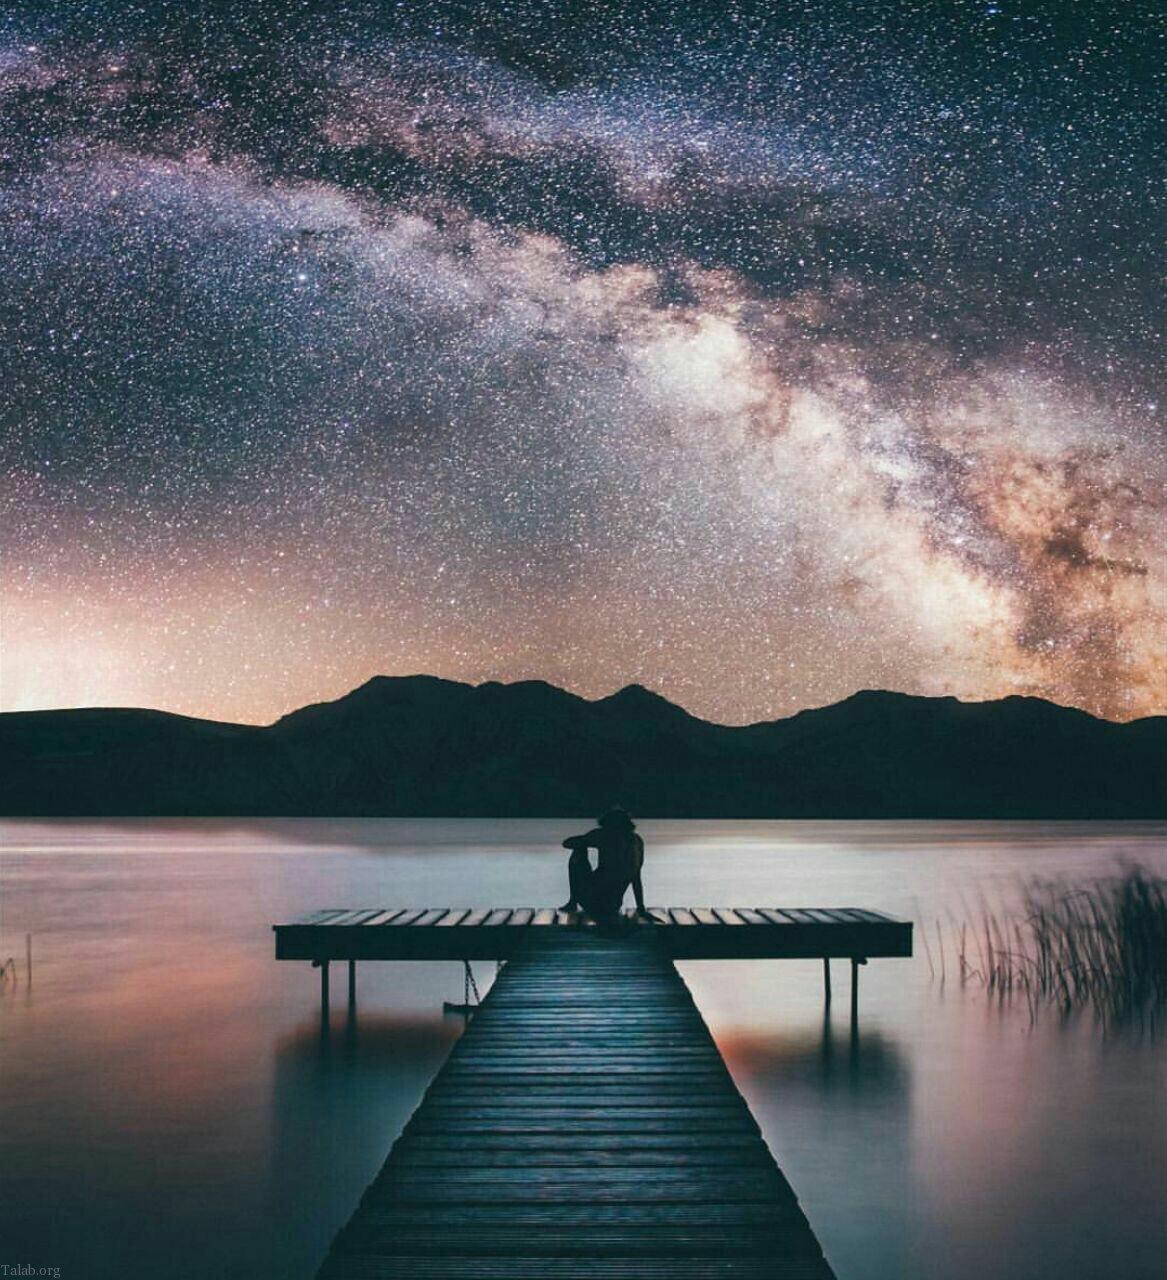 عکس نوشته های عاشقانه غمگین | عکس های غمگین برای تنهایی و جدایی